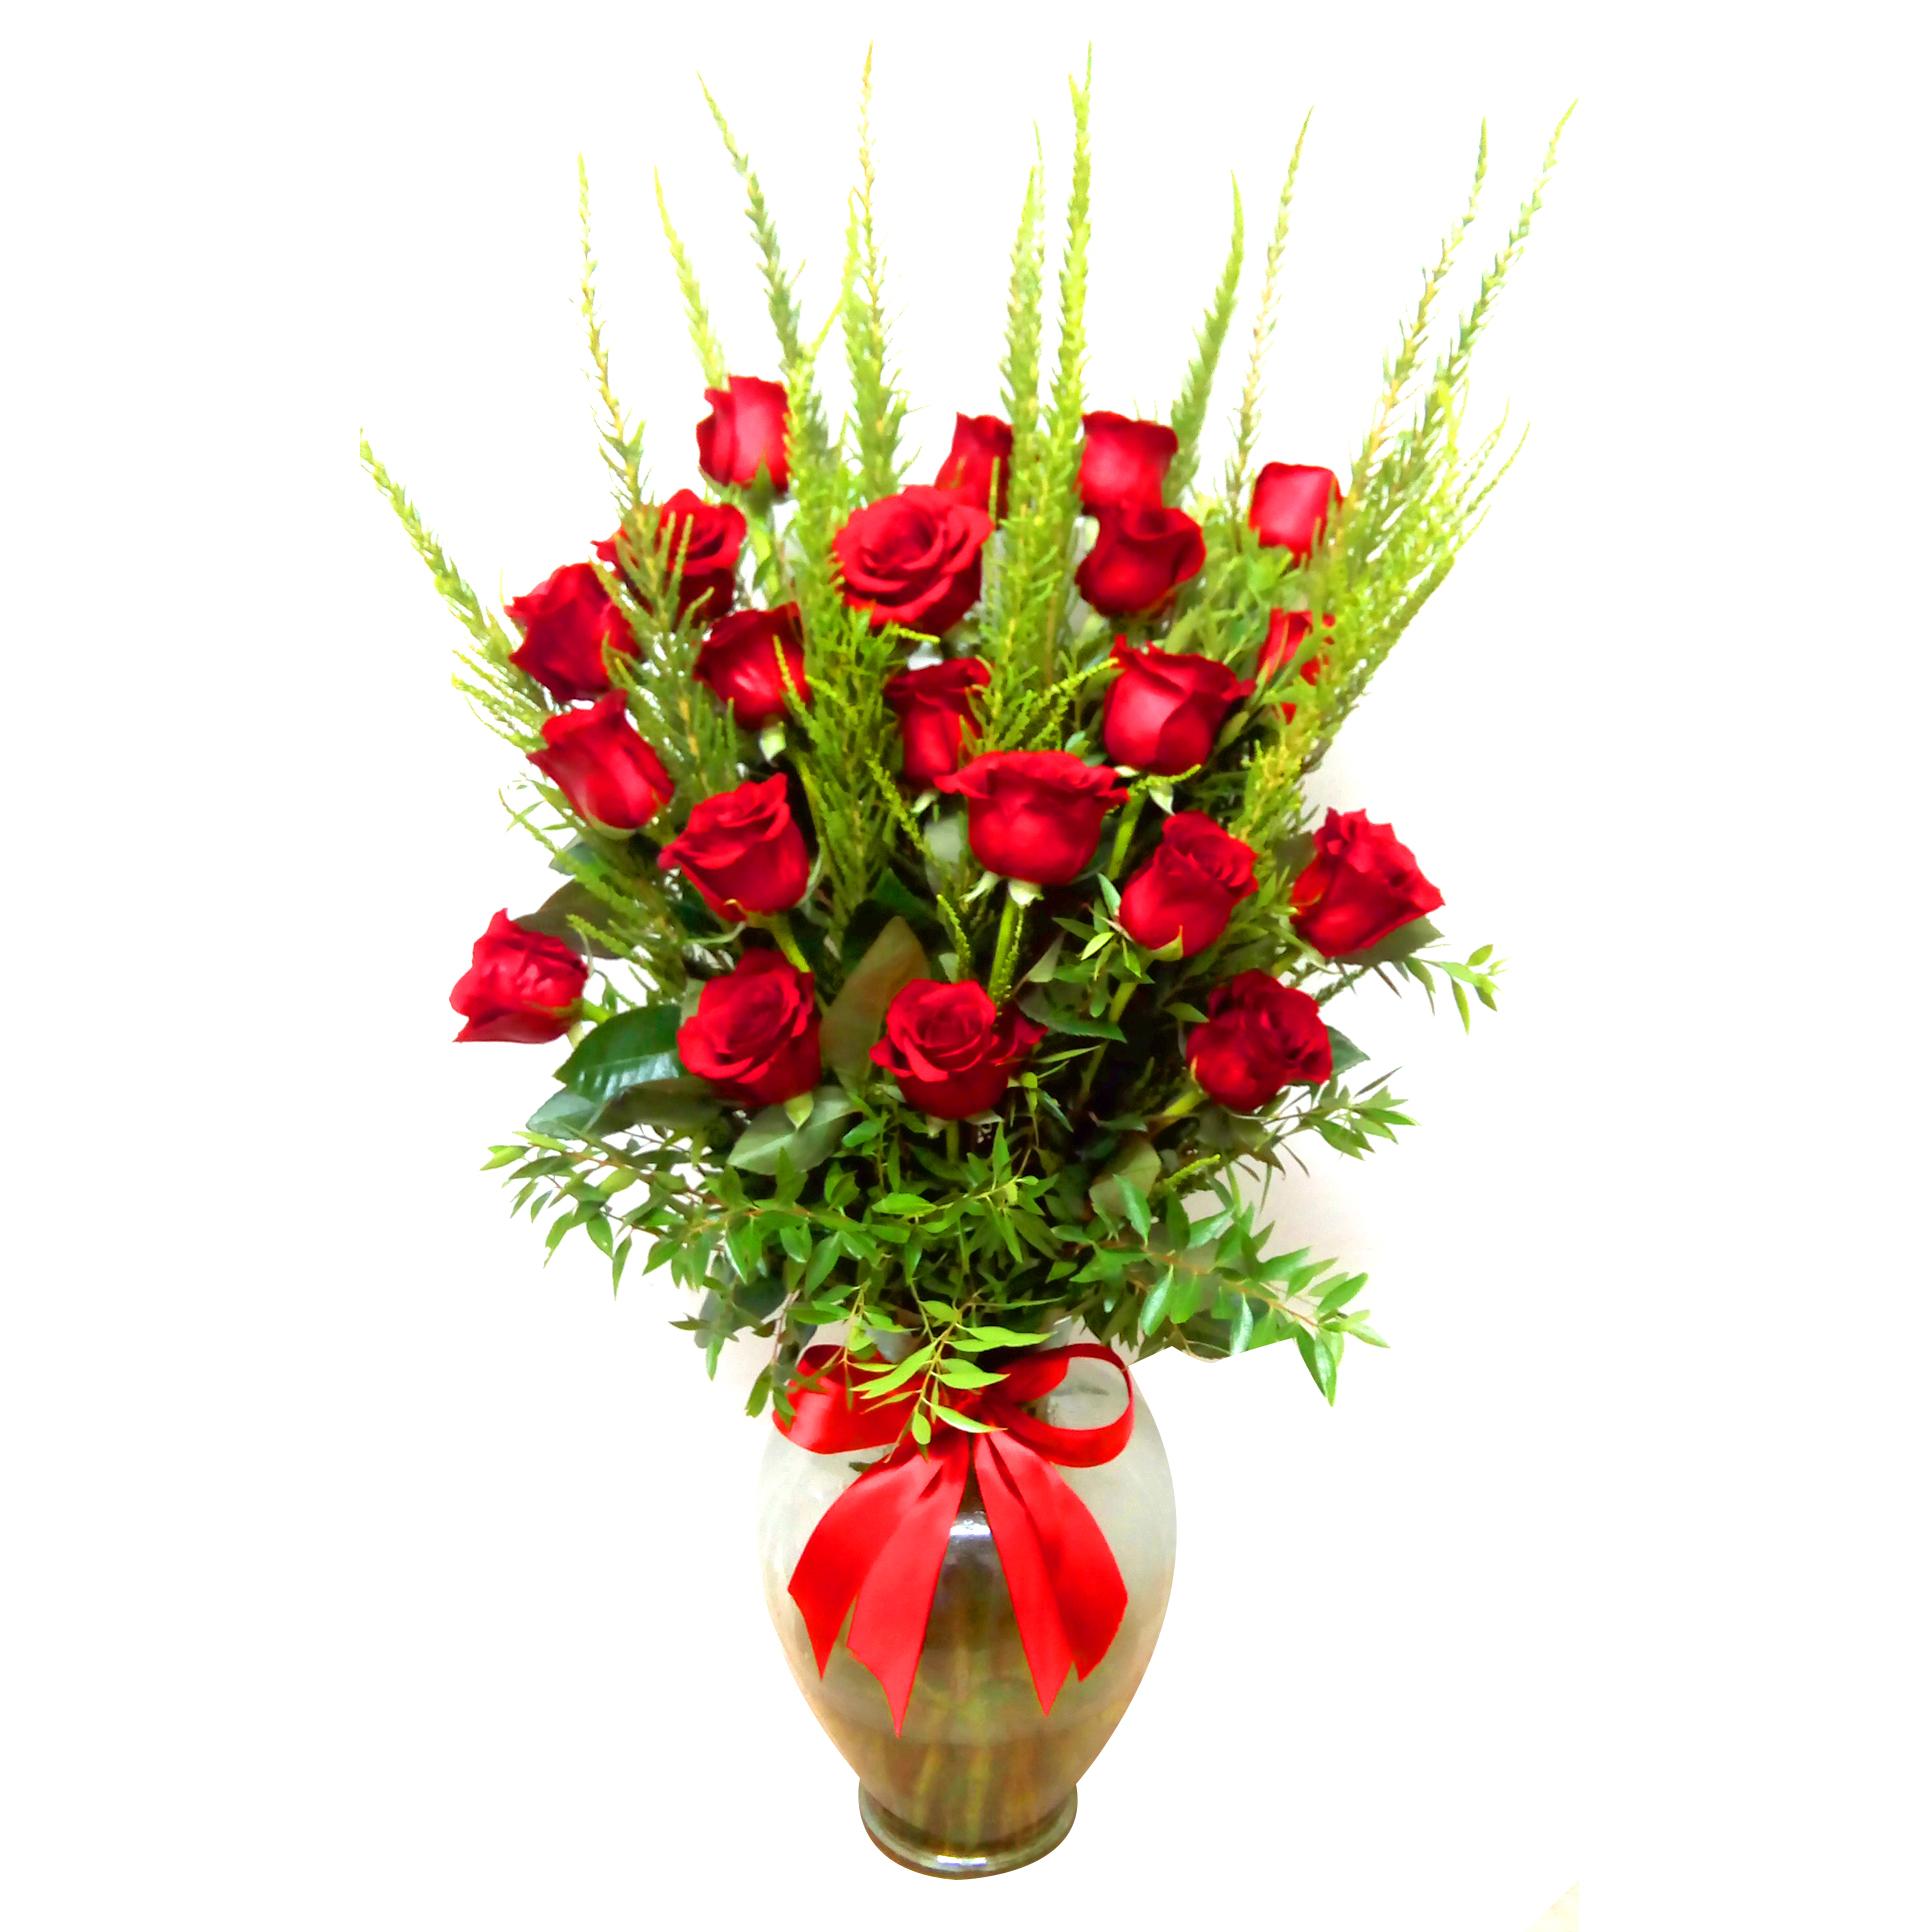 Florero con Rosas Rojas mas Romero